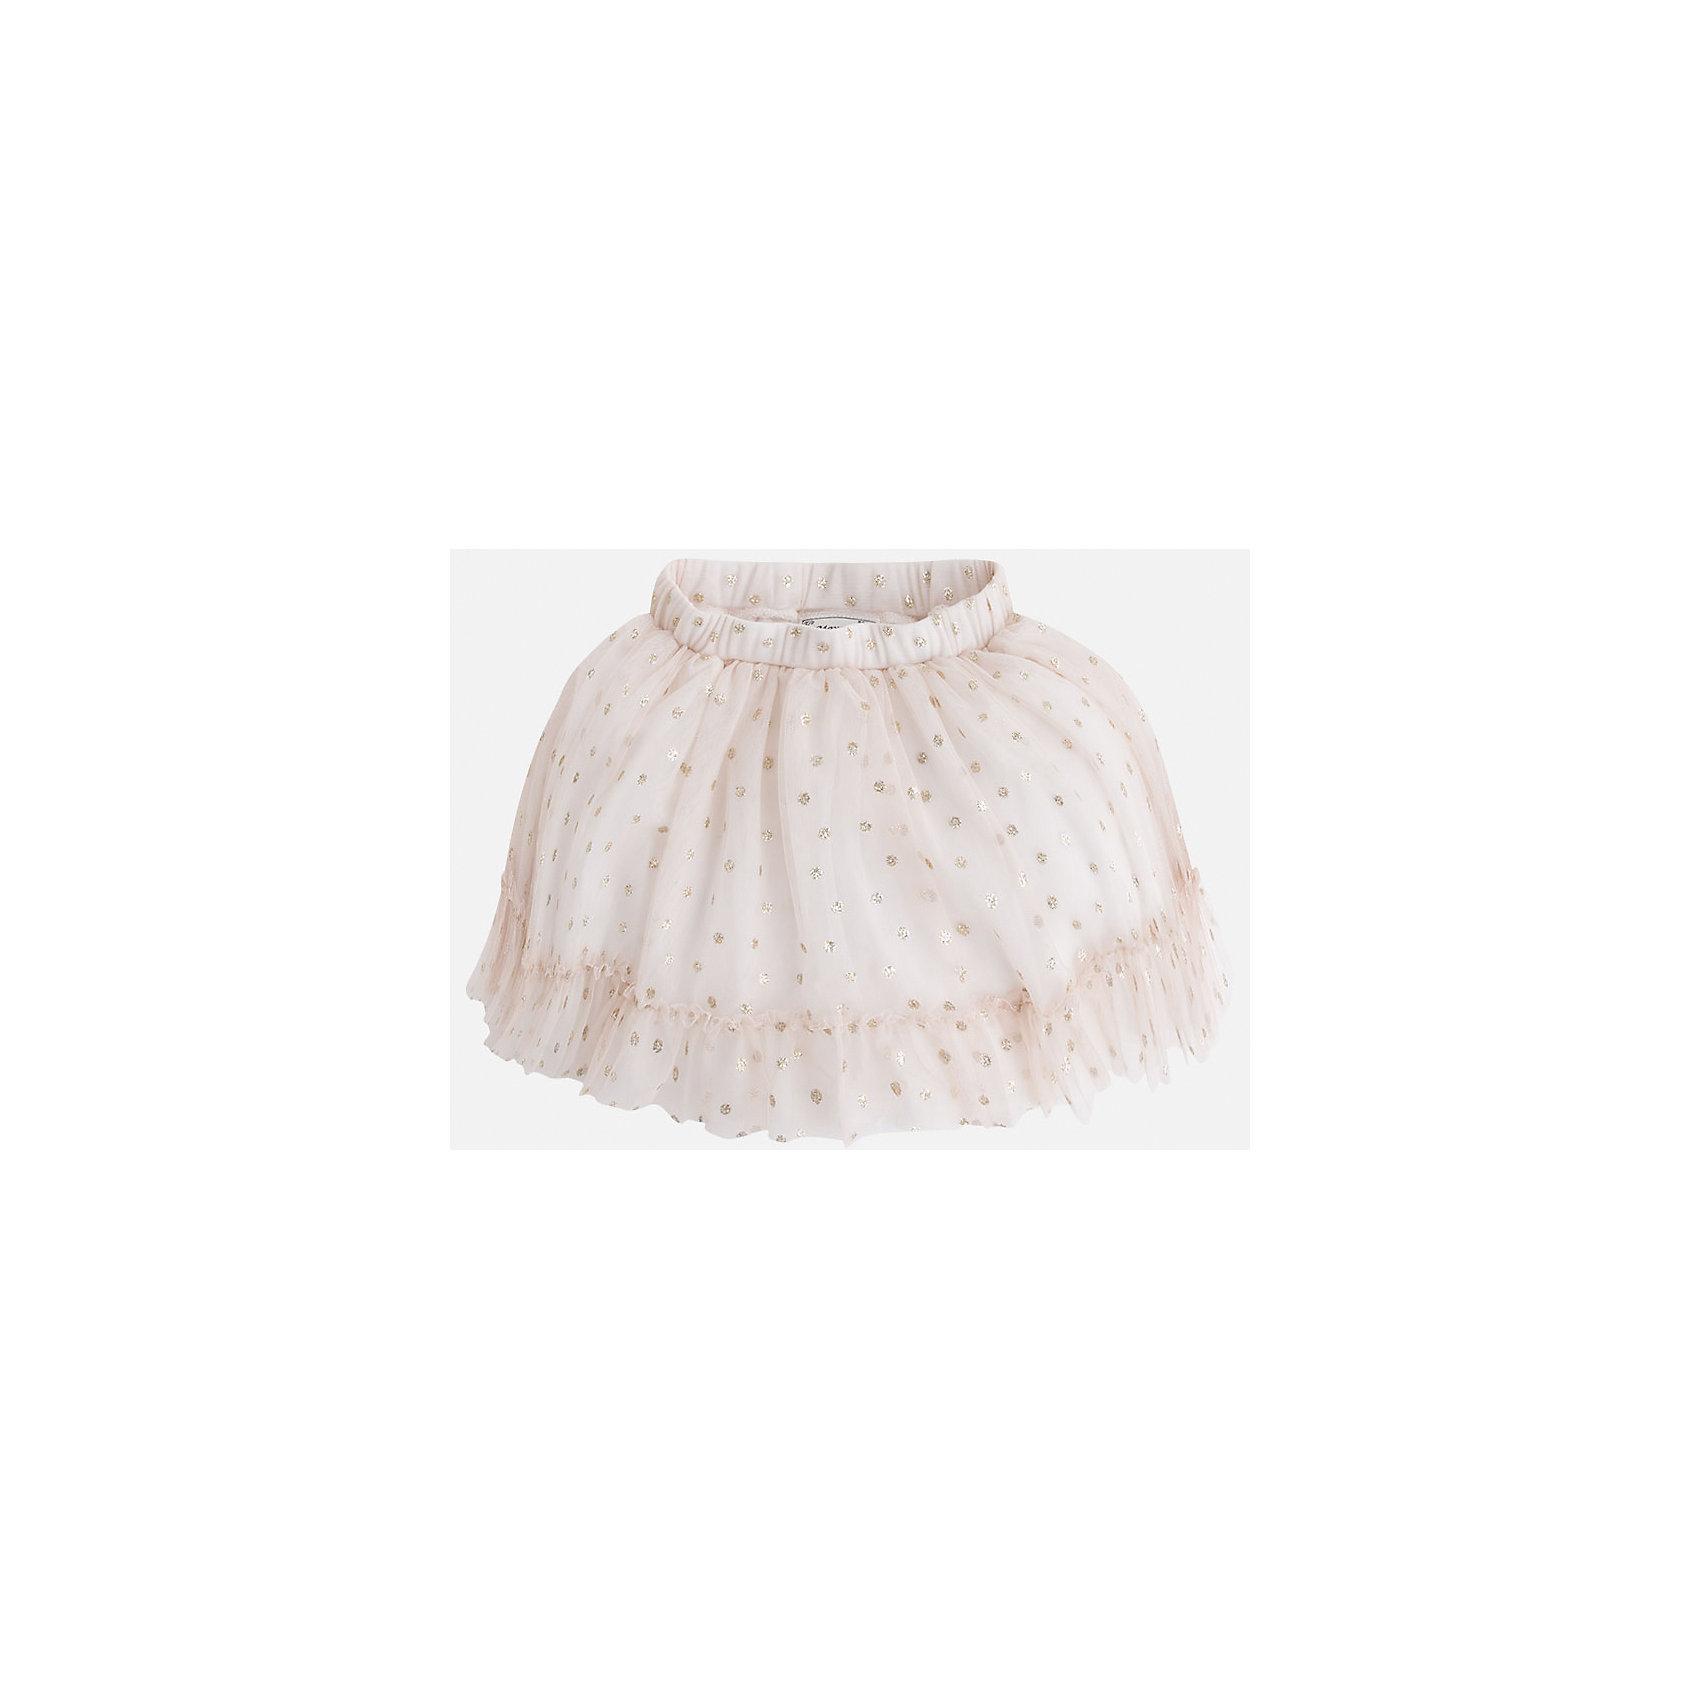 Юбка для девочки MayoralЮбки<br>Модная пышная юбка на подкладке из натурального хлопка украшена блестками и оборкой. Модель с двойным слоем фатина дополнена удобной регулируемой эластичной резинкой на поясе. <br><br>Дополнительная информация: <br><br>- цвет: бежевый<br>- состав: полиэстер 100% ;подкладка хлопок 100%<br>- фактура материала: текстильный<br>- вид застежки: молния<br>- длина изделия: по спинке: 48 см<br>- длина юбки: миди<br>- тип посадки: средняя посадка<br>- тип карманов: без карманов<br>- уход за вещами: бережная стирка при 30 градусах<br>- рисунок: без рисунка<br>- назначение: праздничная<br>- сезон: круглогодичный<br>- пол: девочки<br>- страна бренда: Испания<br>- комплектация: юбка<br><br>Юбку для девочки торговой марки Mayoral можно купить в нашем интернет-магазине.<br><br>Ширина мм: 207<br>Глубина мм: 10<br>Высота мм: 189<br>Вес г: 183<br>Цвет: бежевый<br>Возраст от месяцев: 24<br>Возраст до месяцев: 36<br>Пол: Женский<br>Возраст: Детский<br>Размер: 98,104,110,128,116,122,134<br>SKU: 4844215